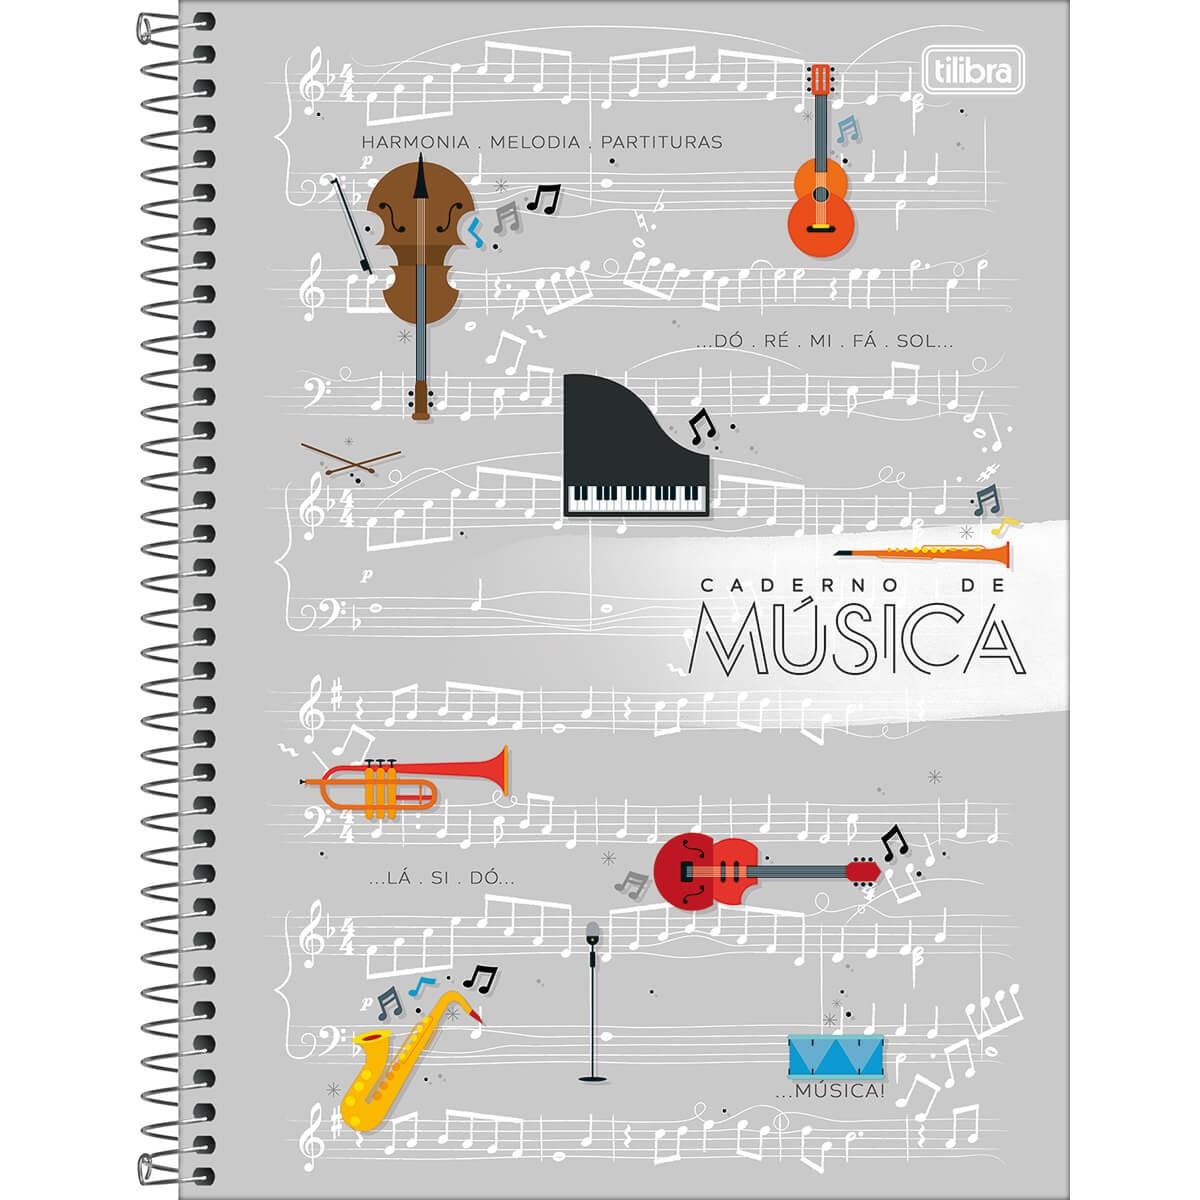 Caderno De Música Partitura Universitário 80 Folhas - Tilibra